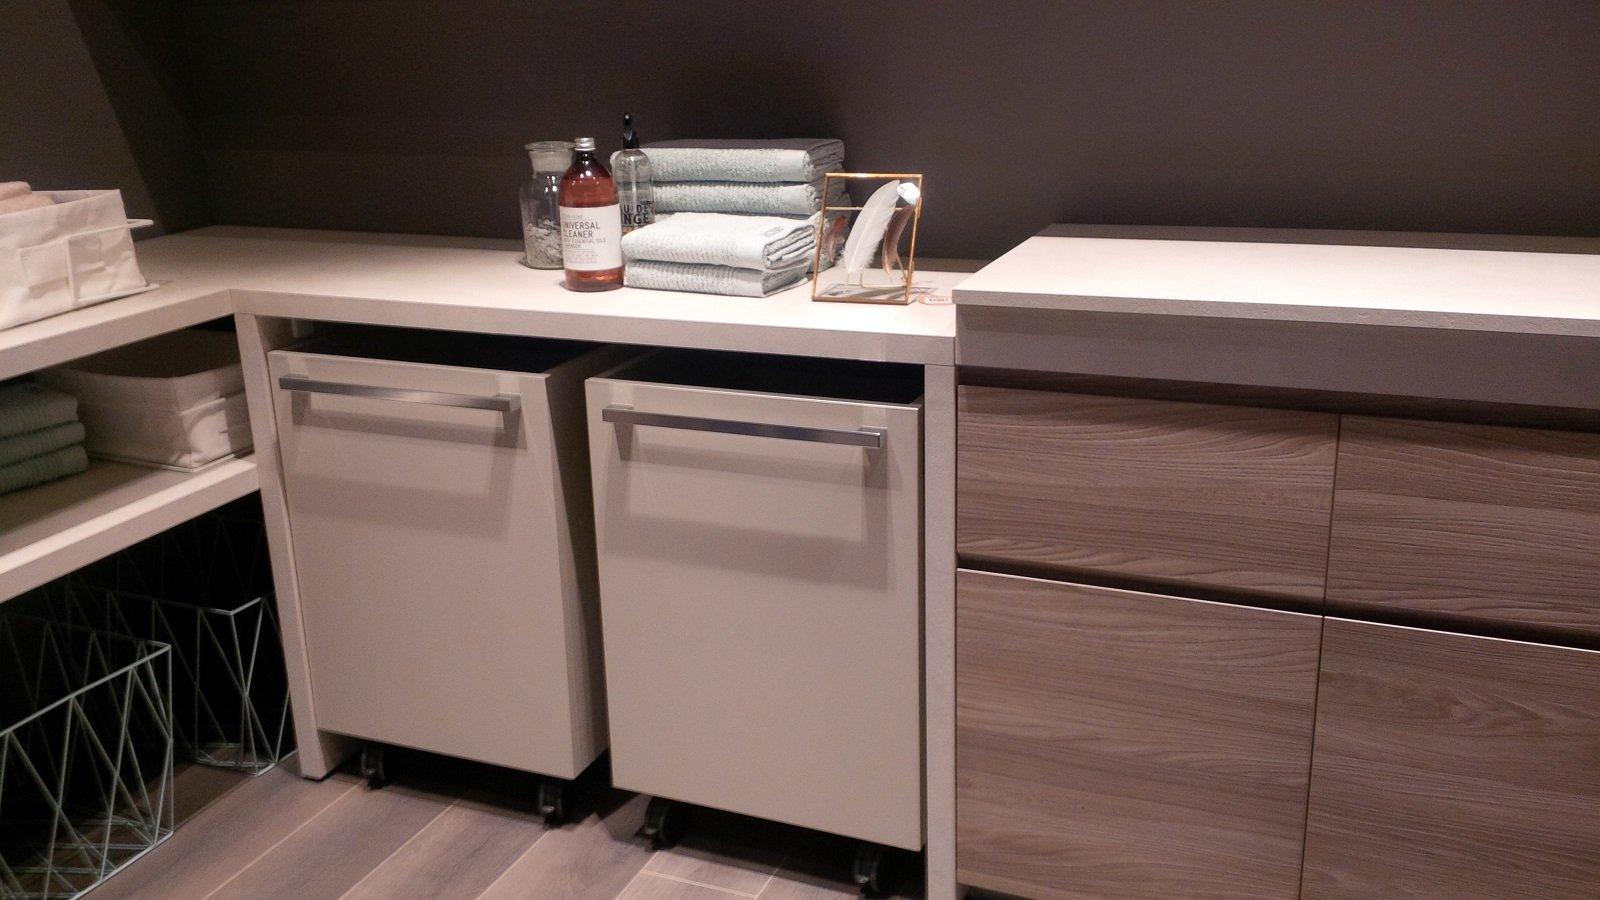 Mobili lavatrice bagno interesting screenshot inviato dal - Carrelli ikea bagno ...